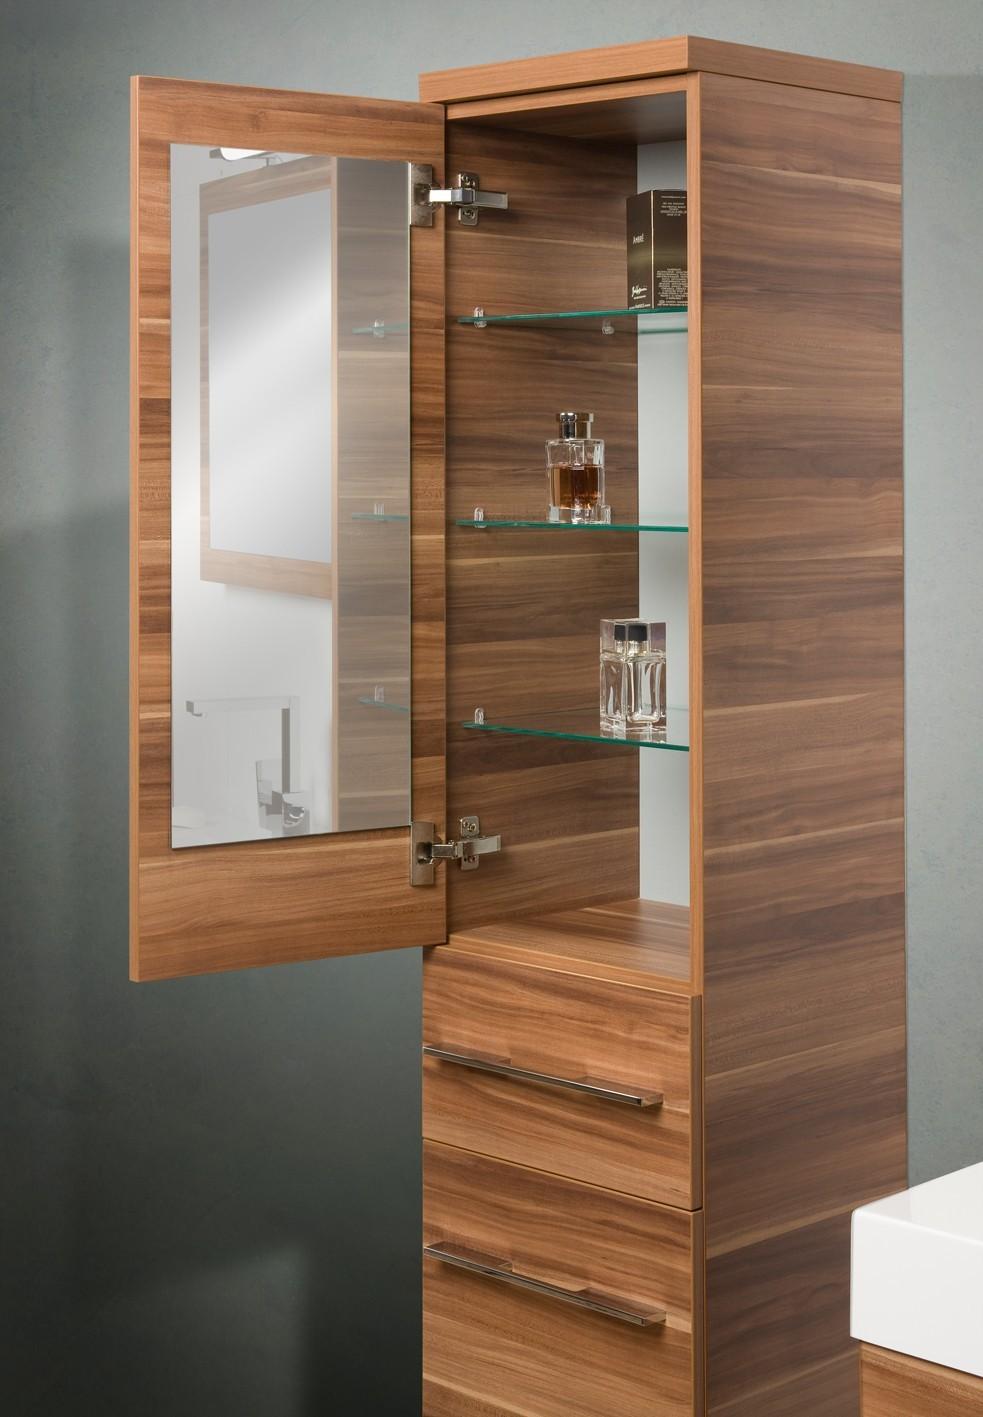 Design badm bel set mit waschbecken und doppelwaschtisch for Badmobel set doppelwaschtisch